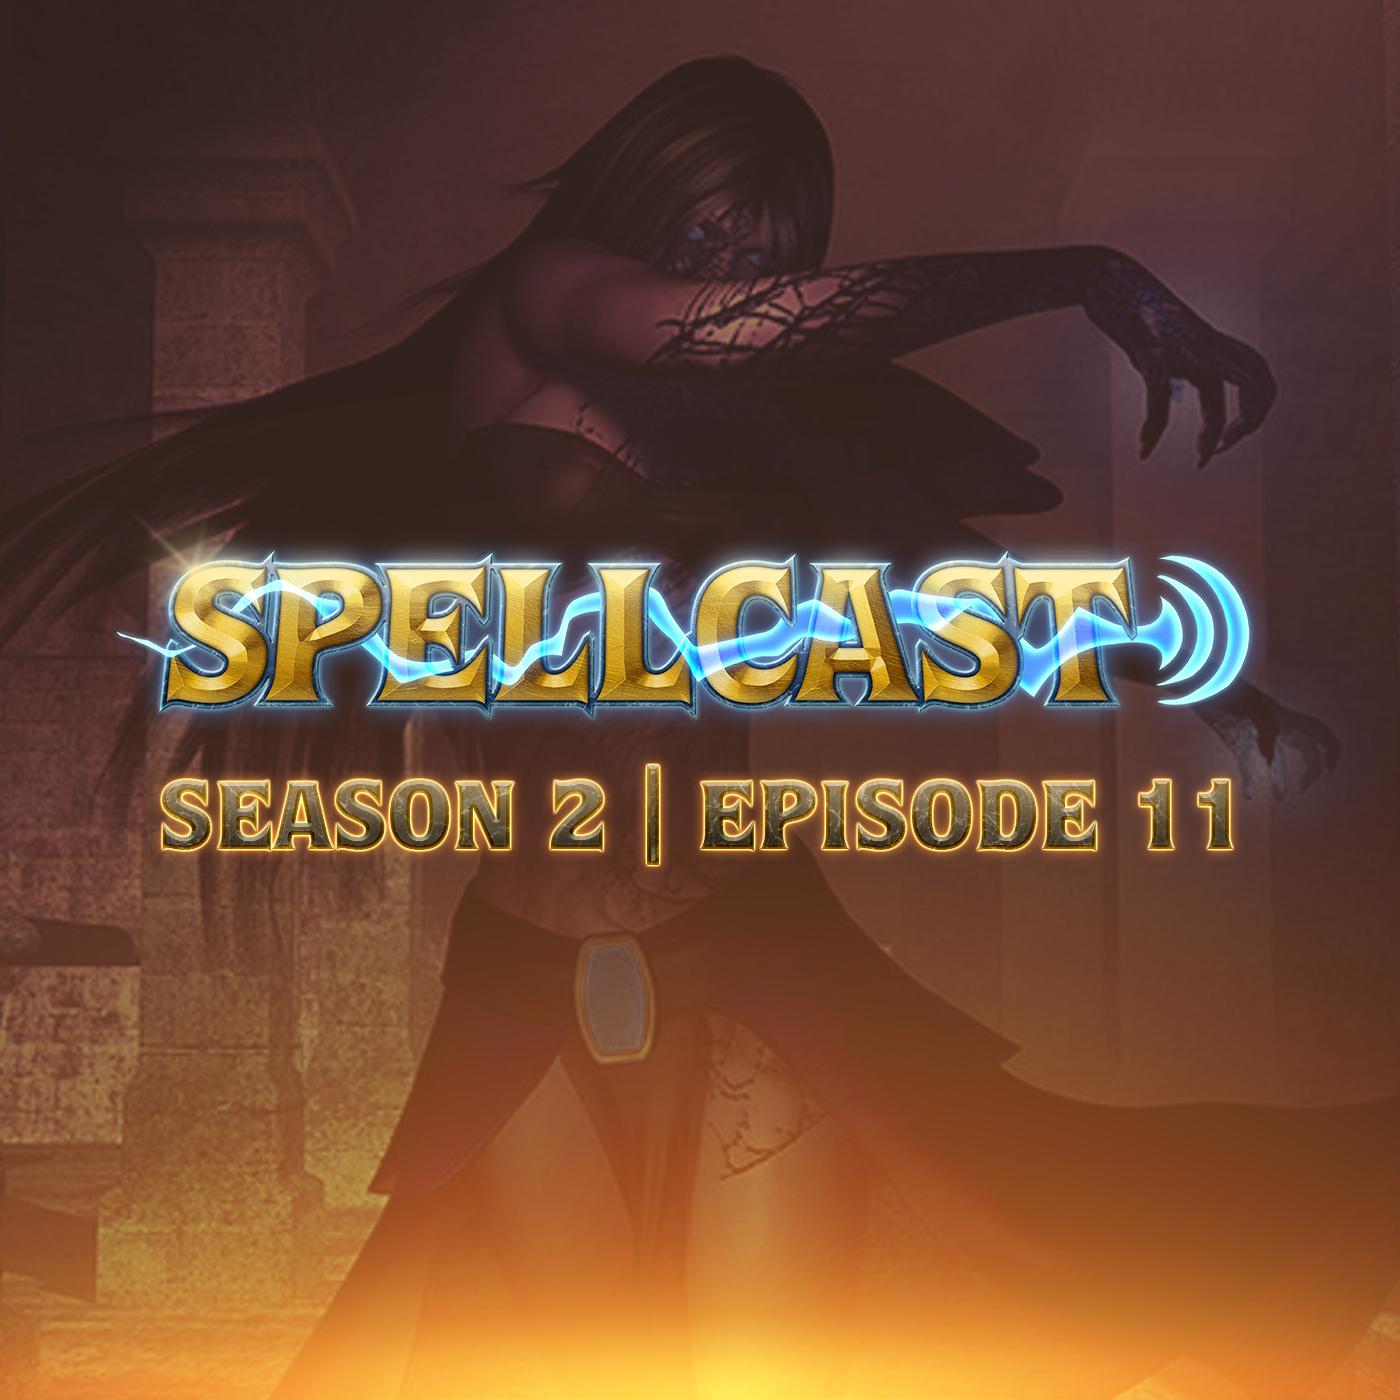 Spellcast 7-9-15